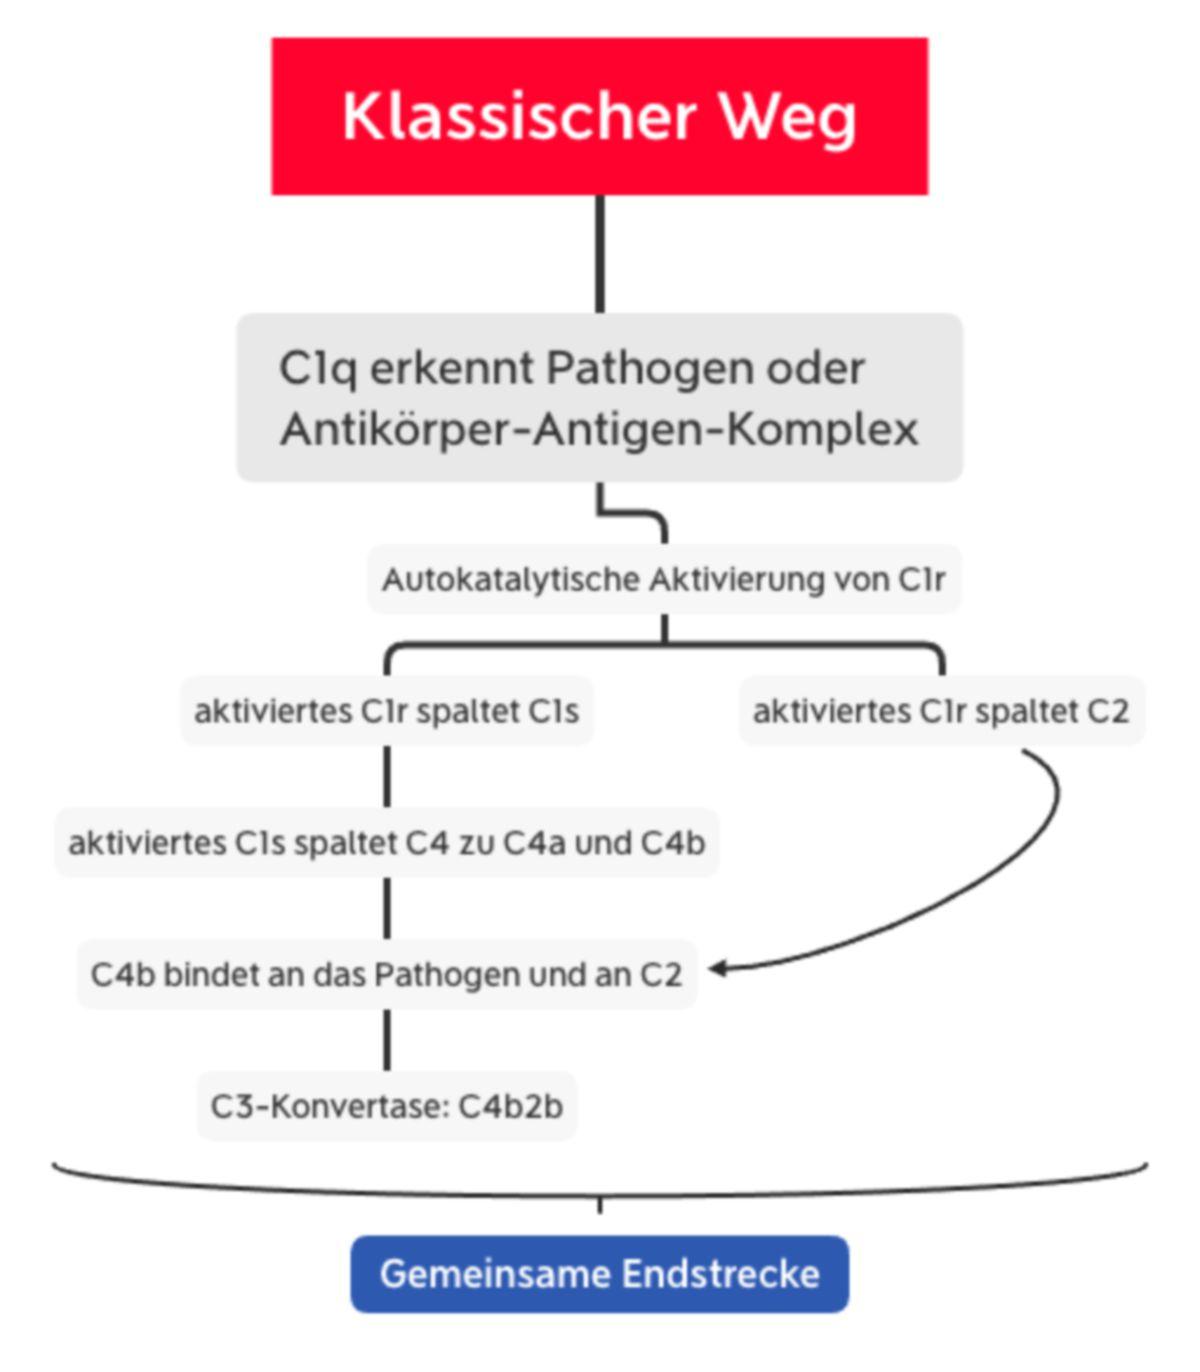 Komplementsystem - Klassischer Weg